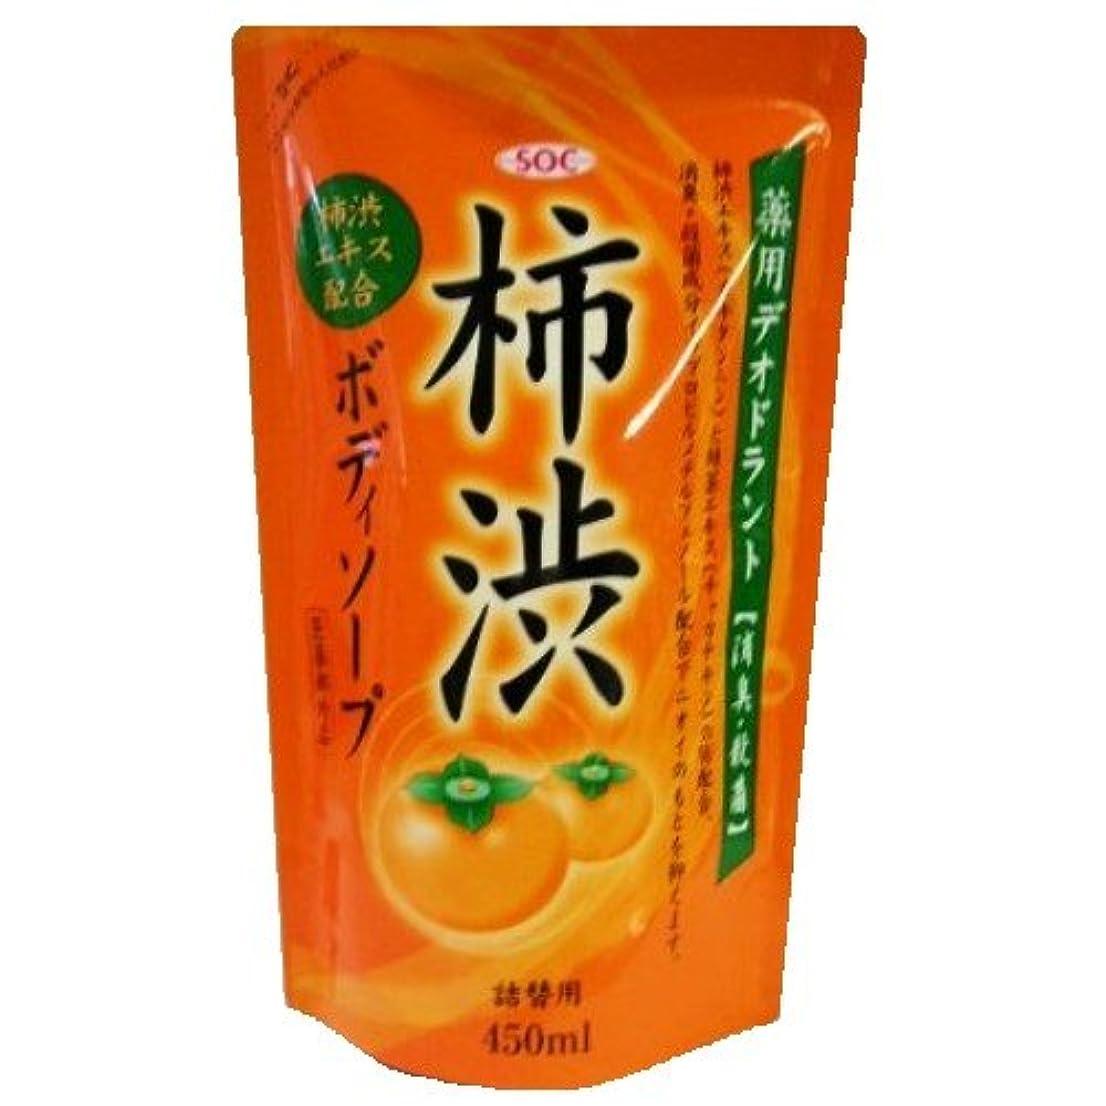 不従順テメリティ発表SOC 薬用柿渋ボディソープ 詰替 450ml